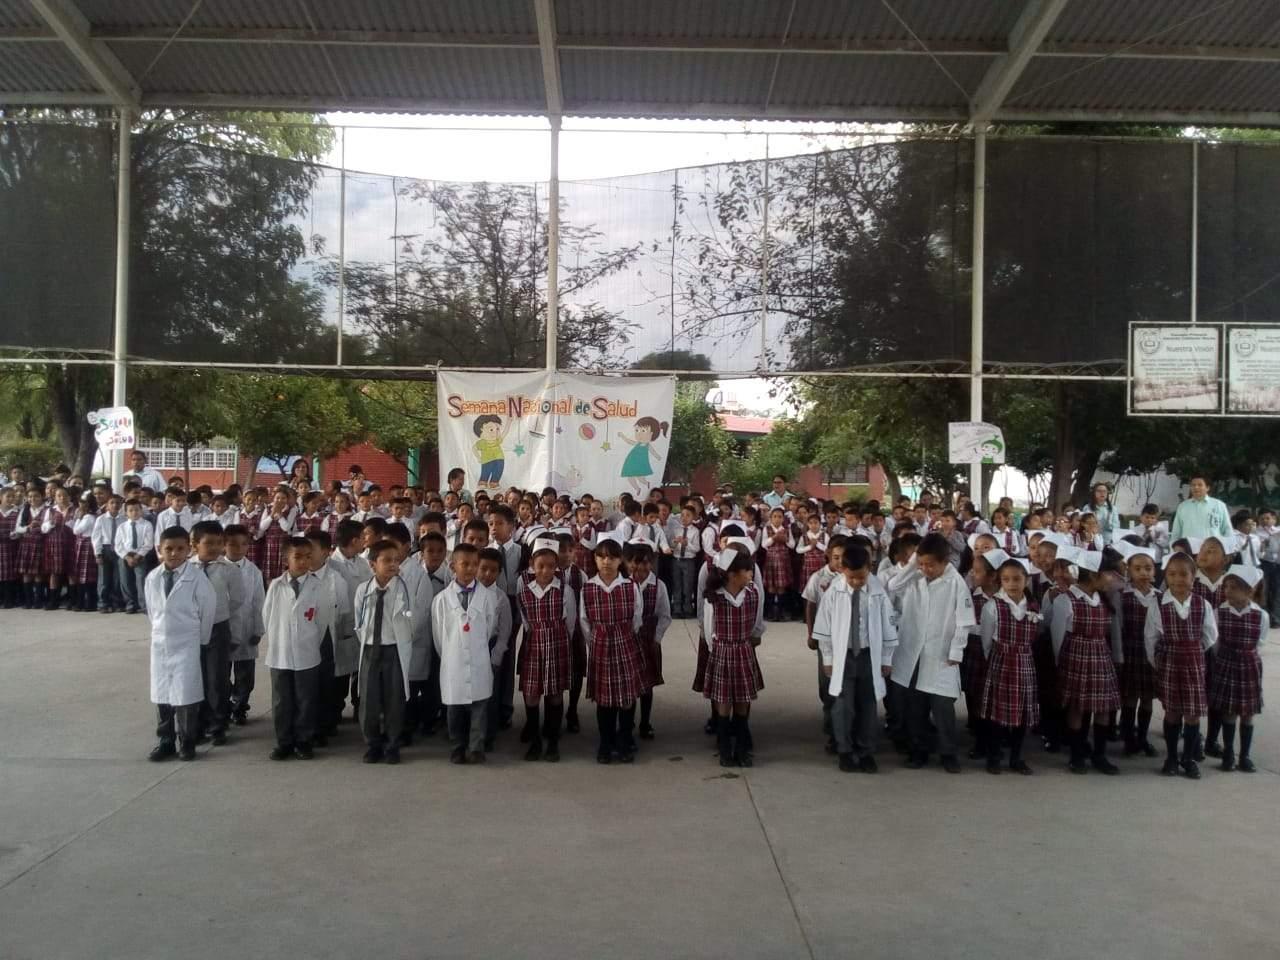 Inicia Tercera Semana Nacional de Salud en Torreón. Noticias en tiempo real